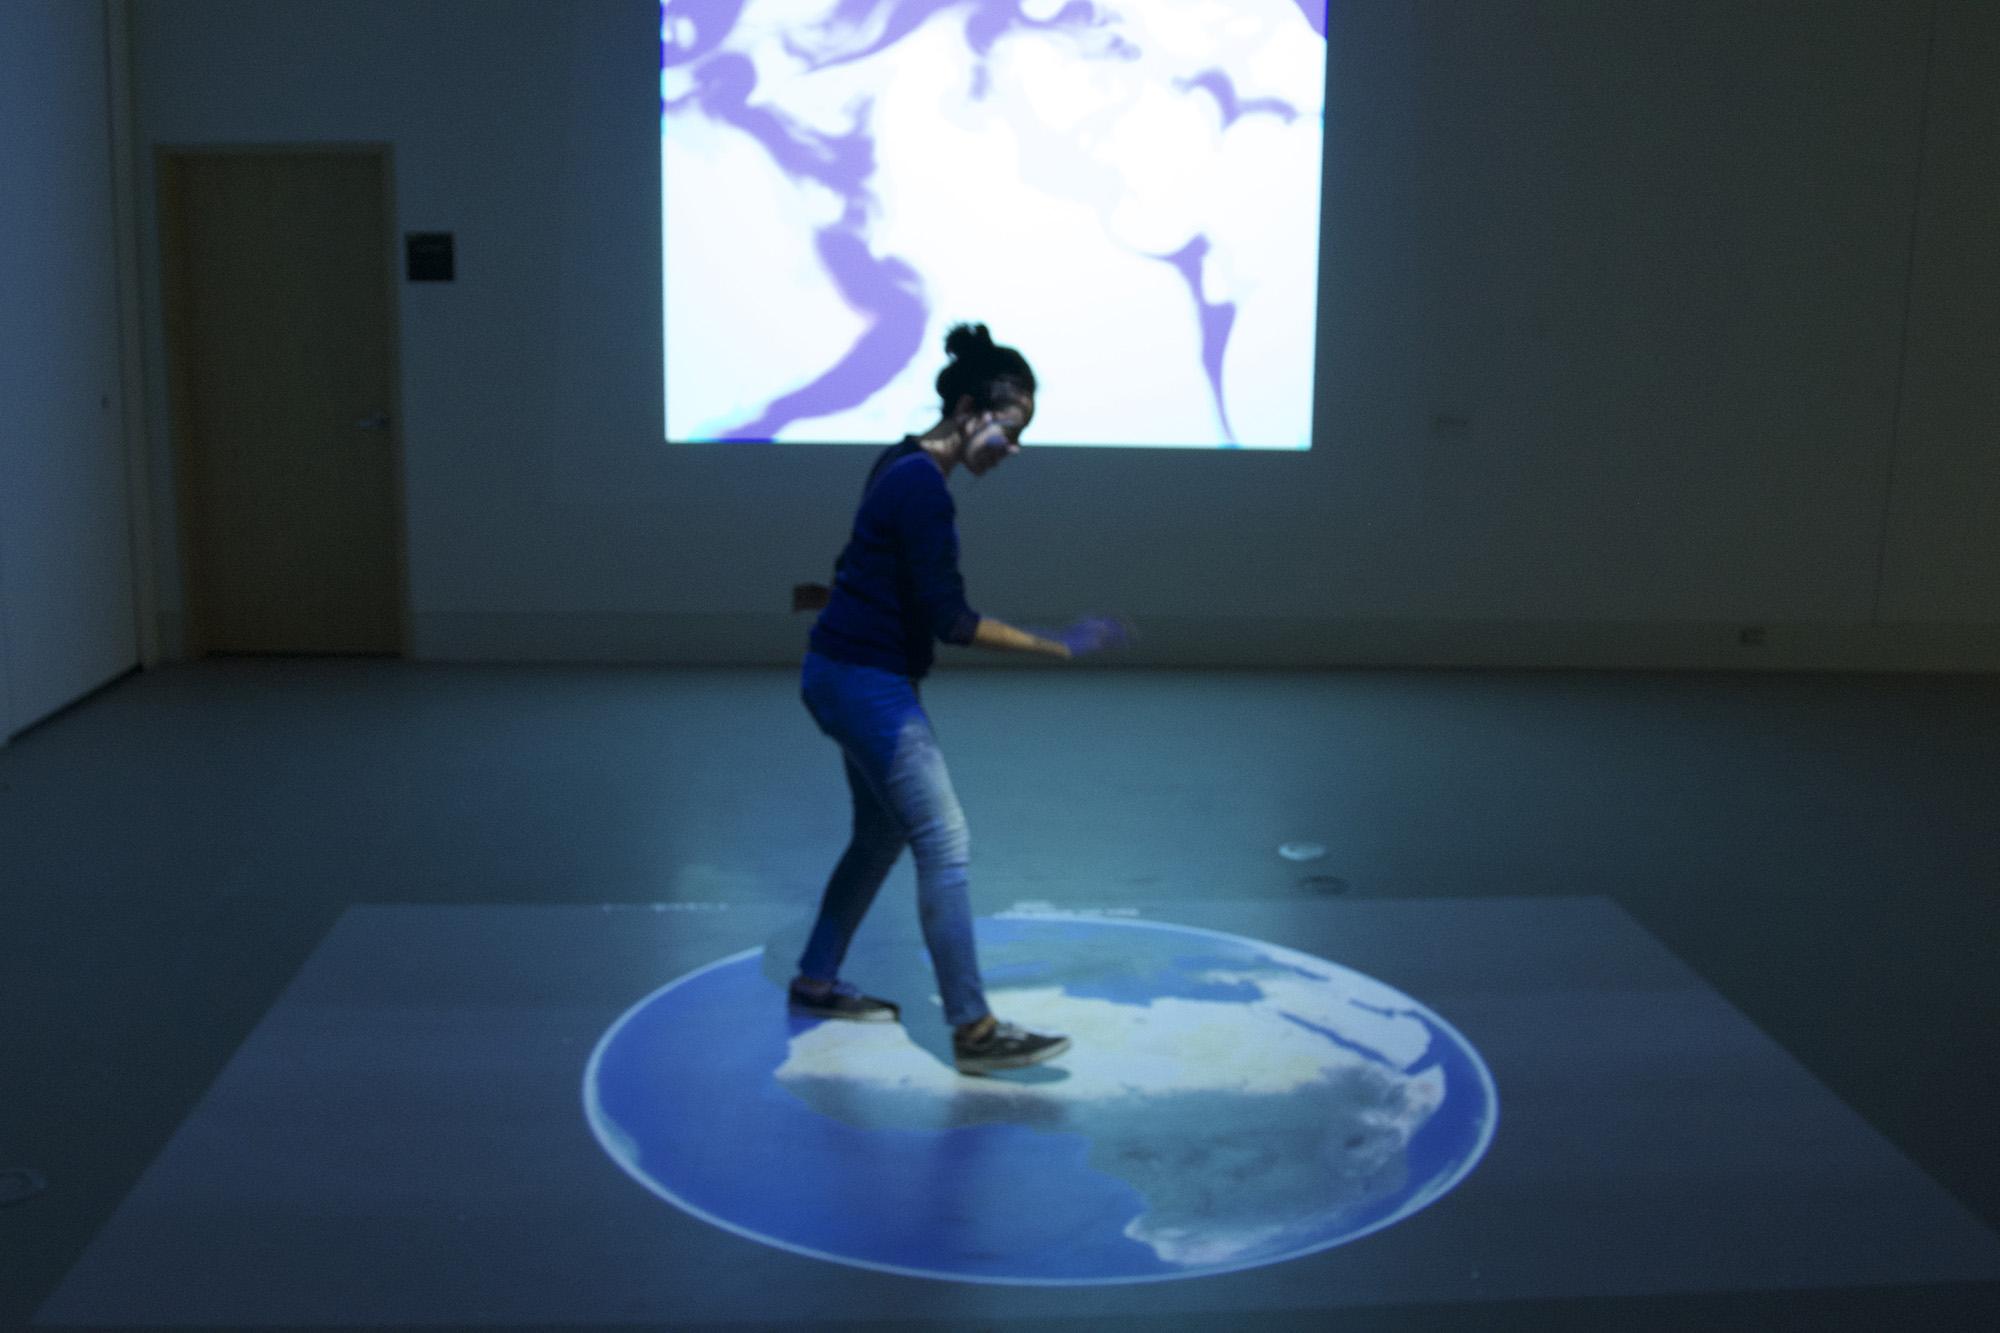 Exposition à la Galerie R3, Trois-Rivières, 2015 (En collaboration avec Emmanuelle Hoarau et Sébastien Cossette)